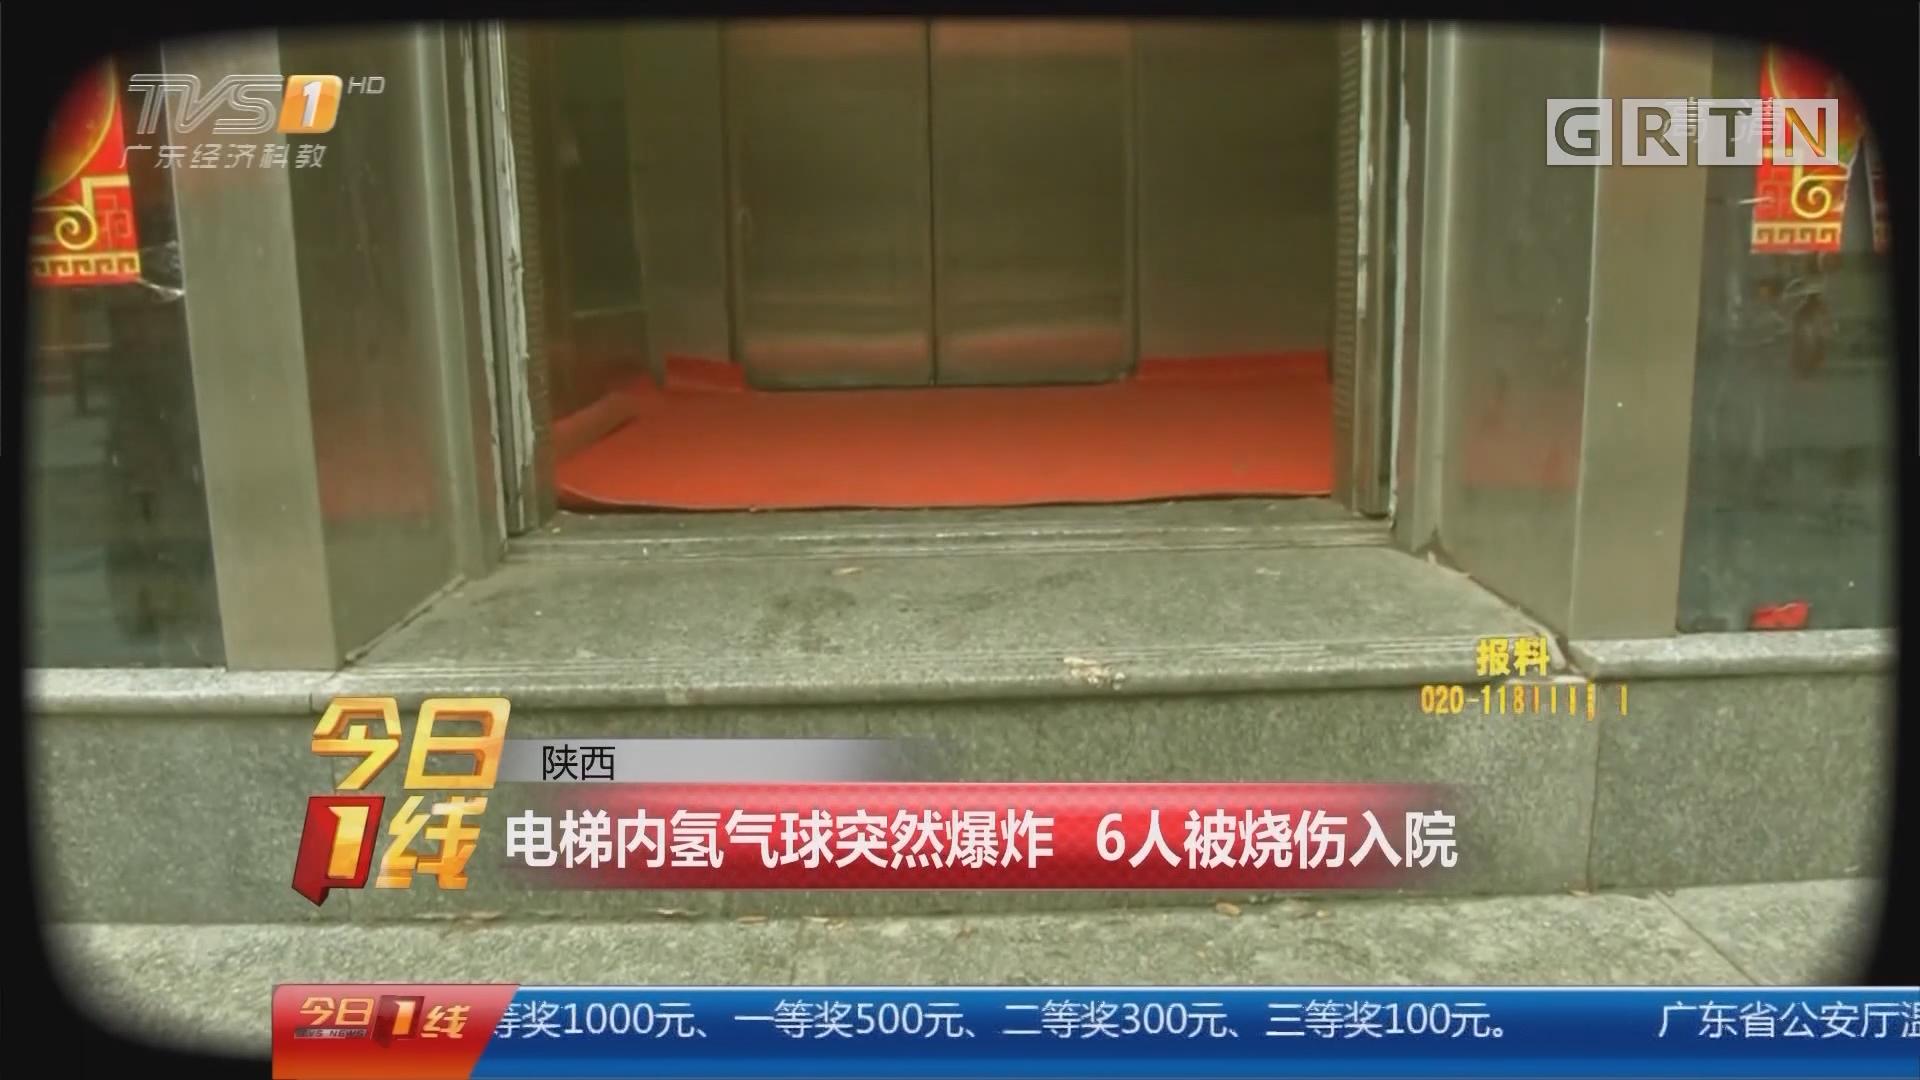 陕西:电梯内氢气球突然爆炸 6人被烧伤入院